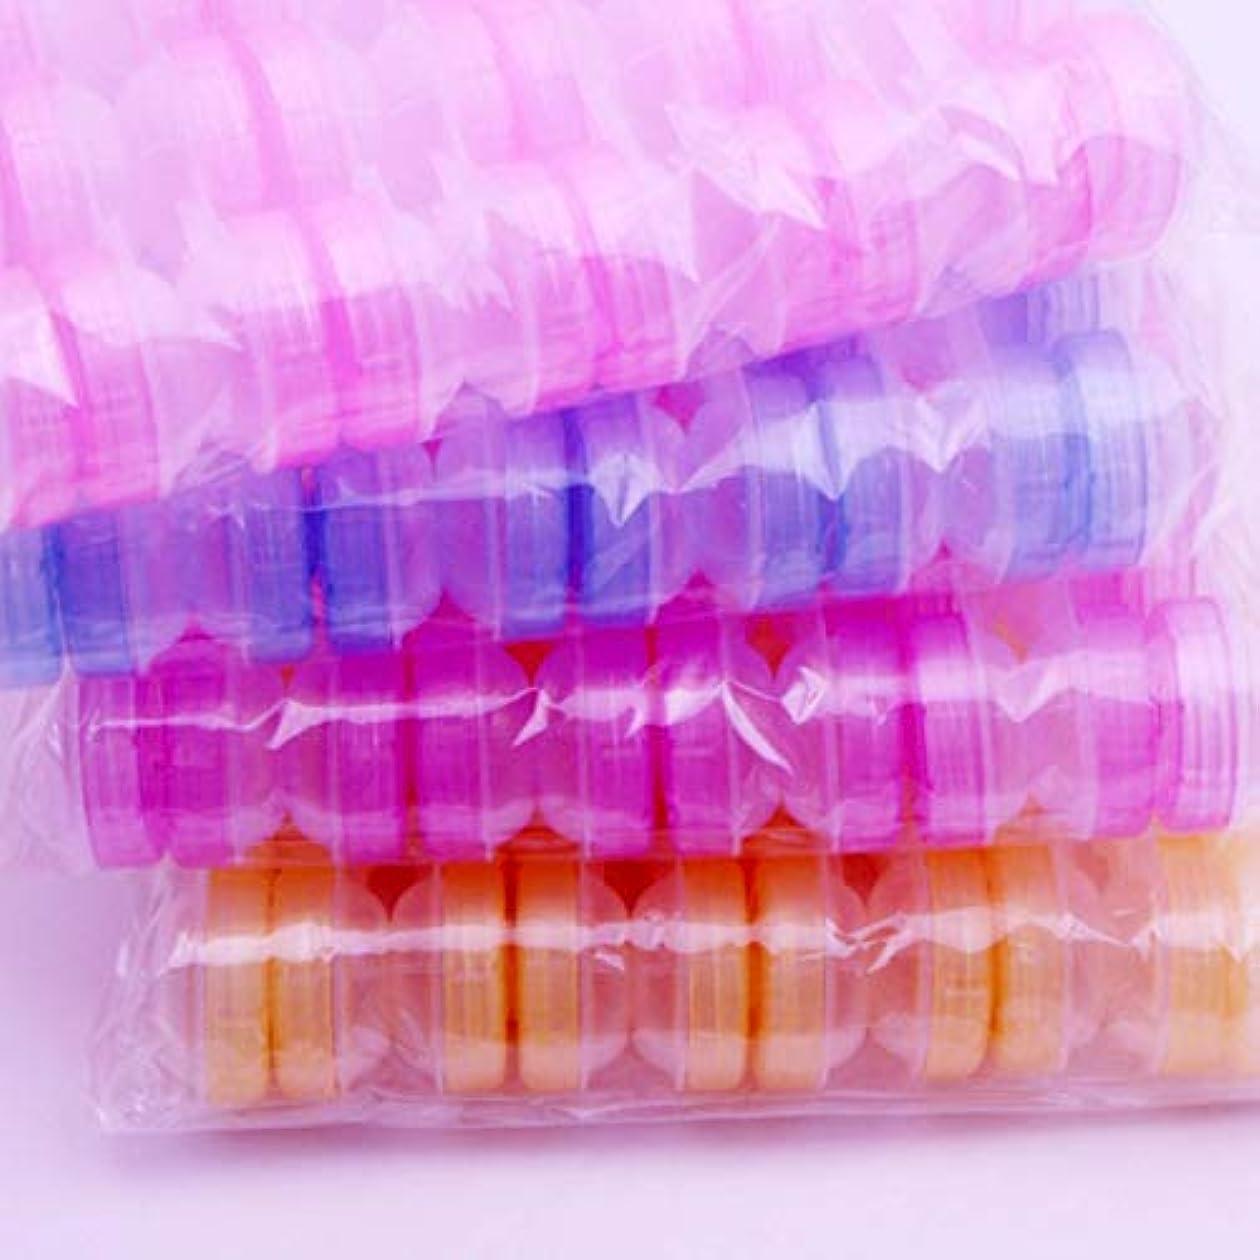 休眠パフ読書Intercorey 10ピース透明コンタクトレンズケースダブルボックス透明美容メイトボックス美容ケアボックス見えないボックス